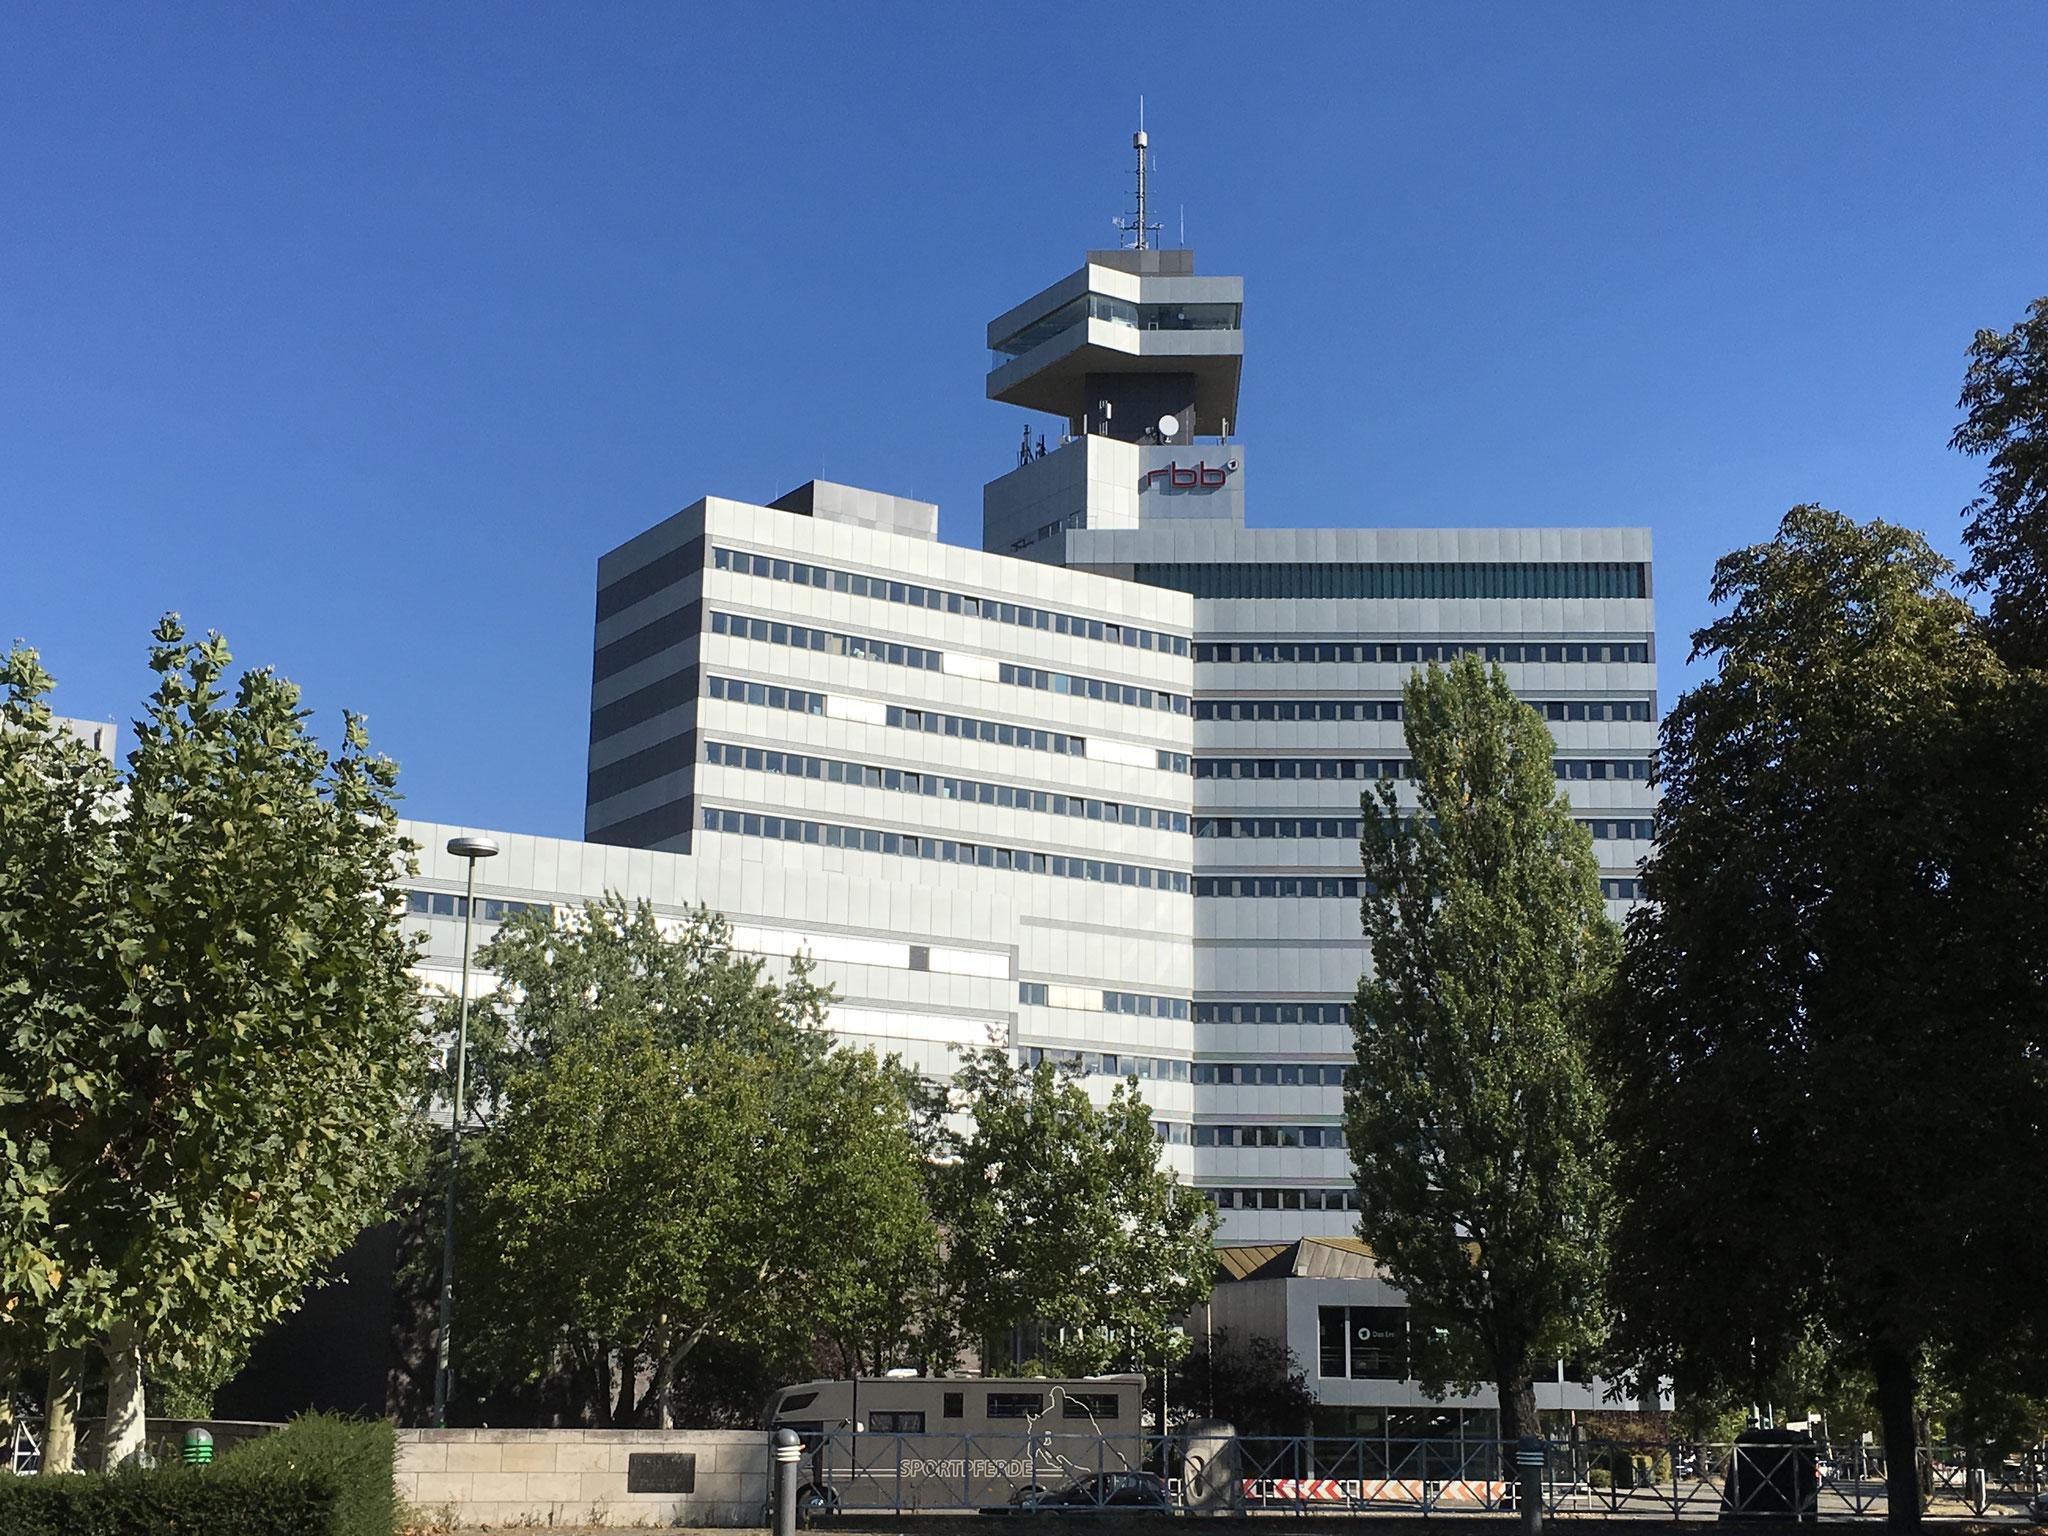 Das RBB-Zentrum am Theodor-Heuss-Platz